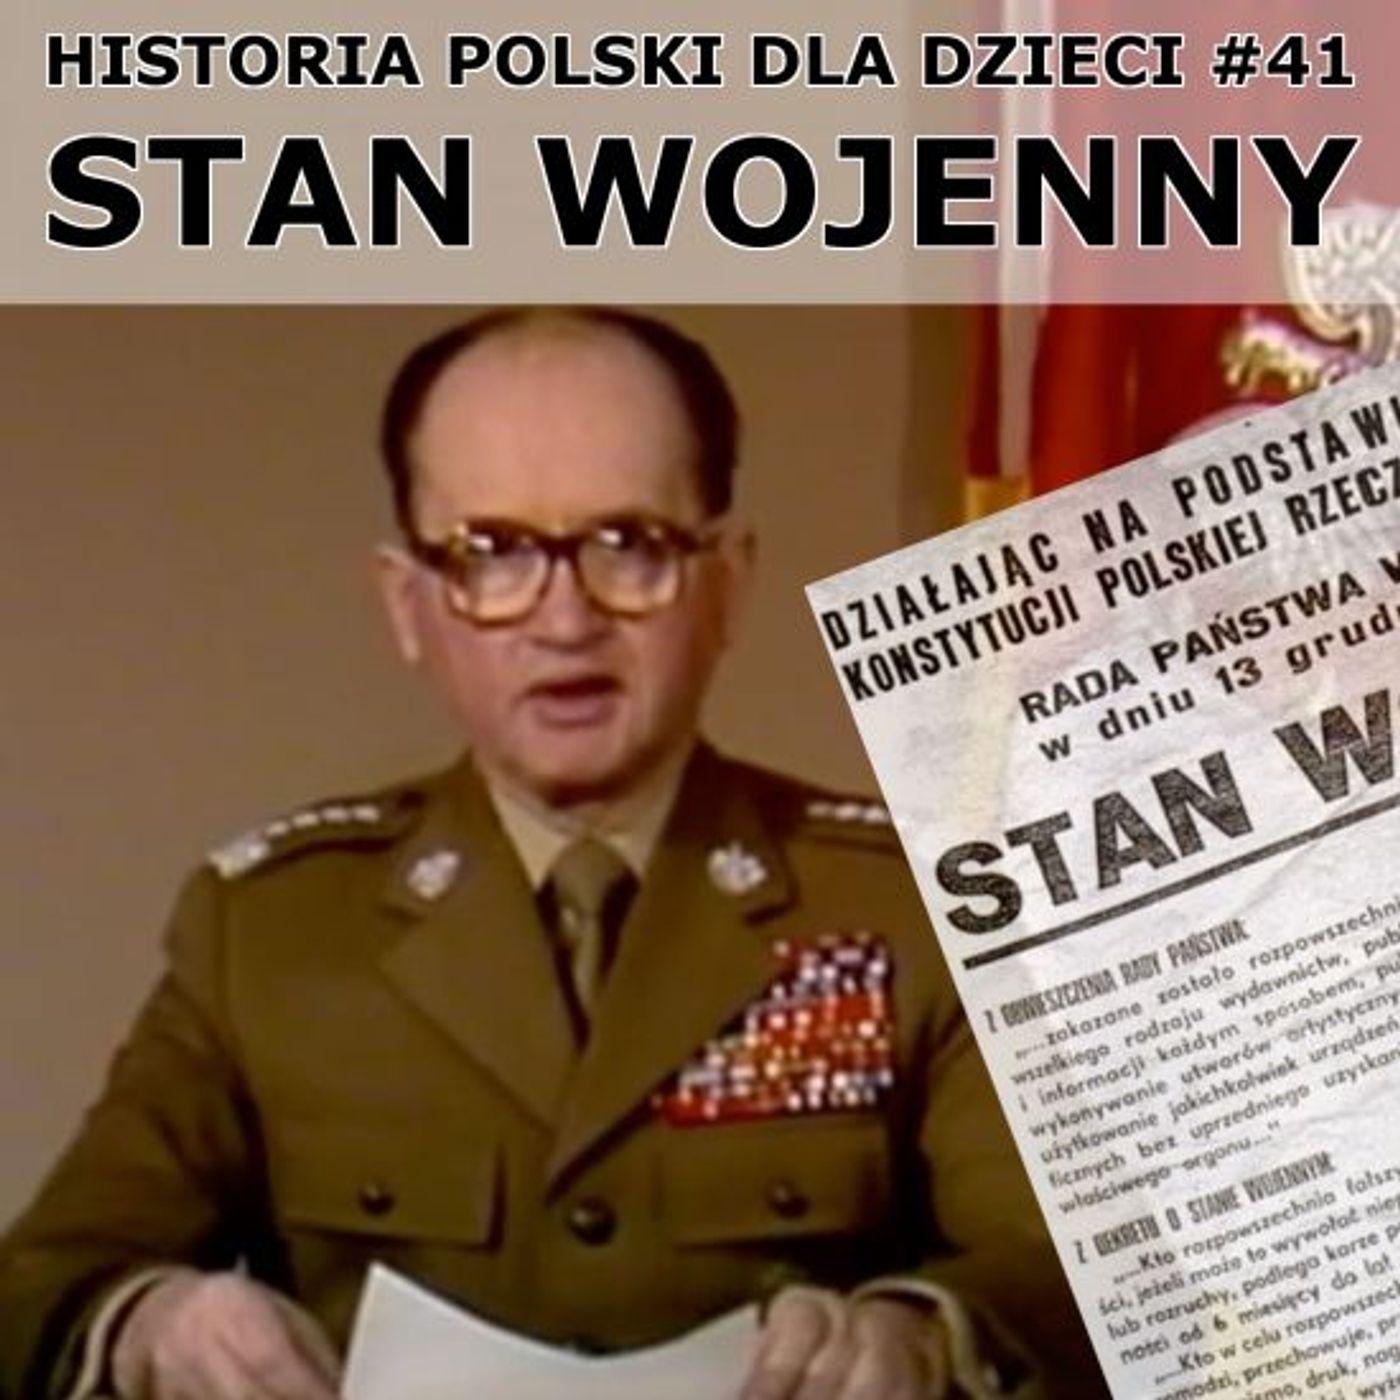 41 - Stan wojenny